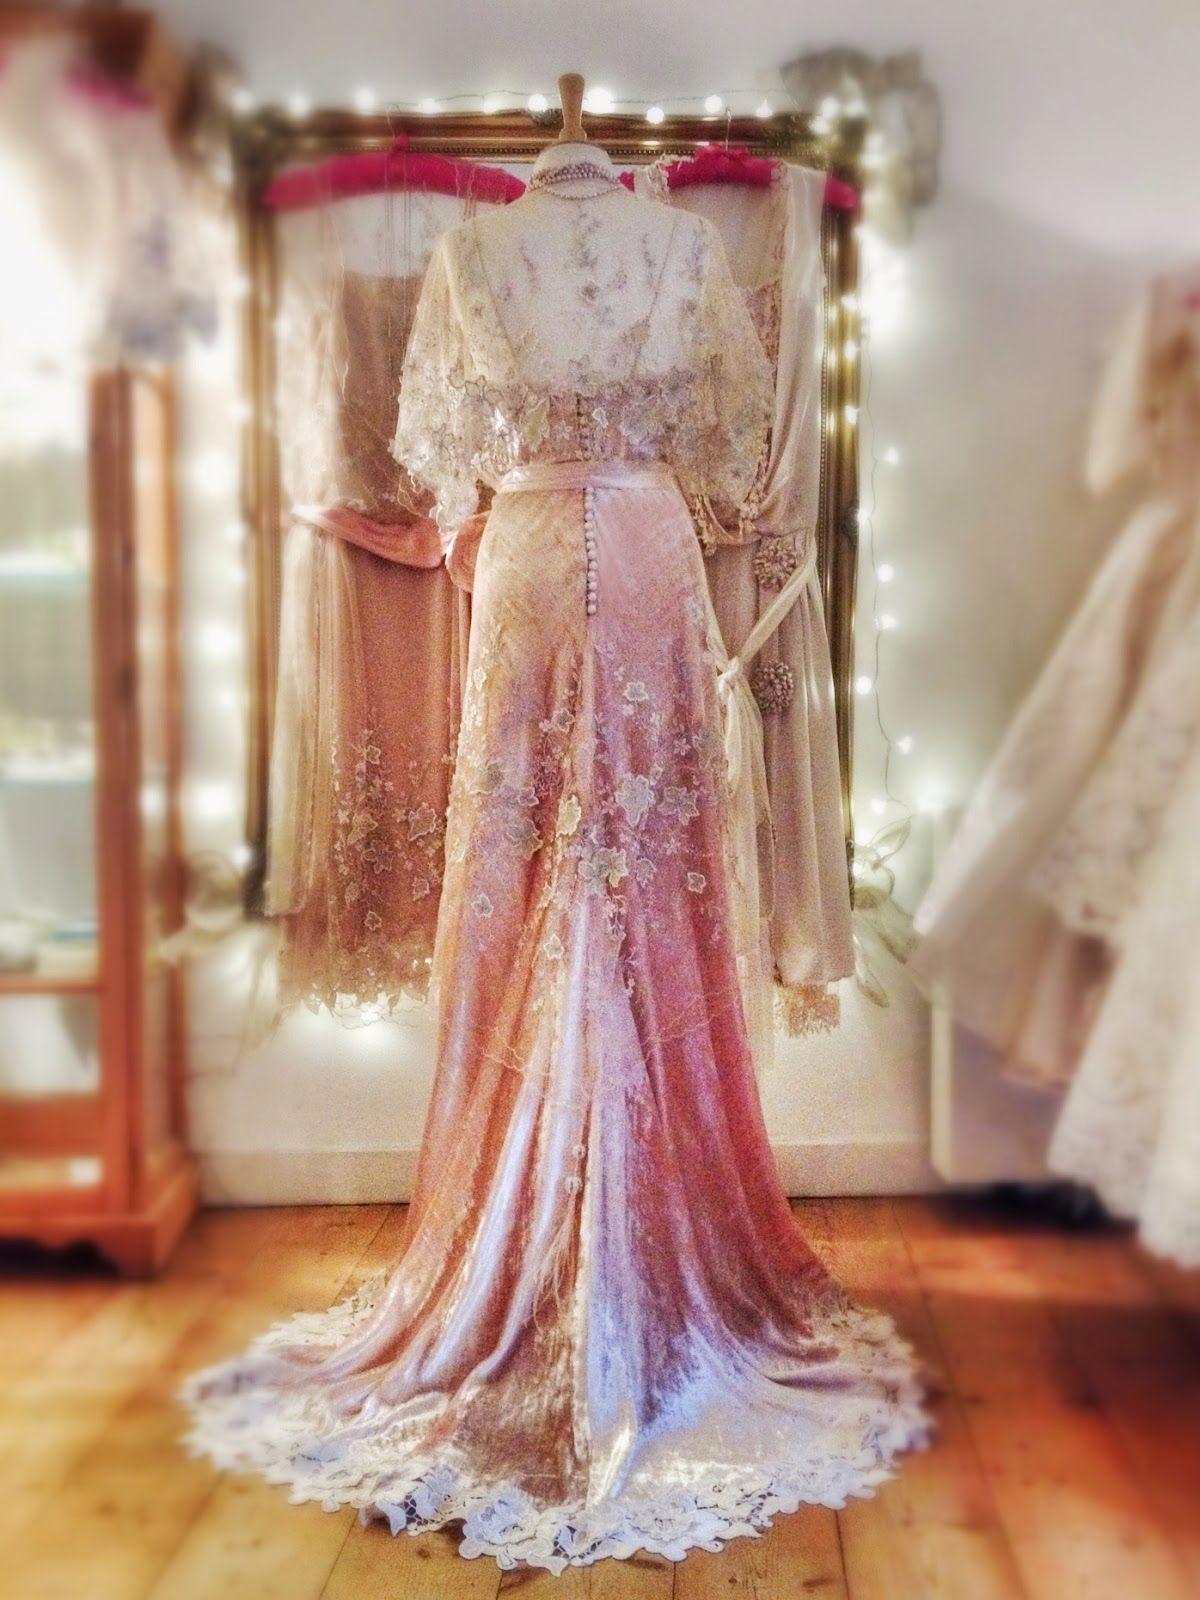 d60423e1863 Joanne Fleming Design  Belle Epoque elegance.....  Gabrielle  in silk velvet  and embroidered tulle